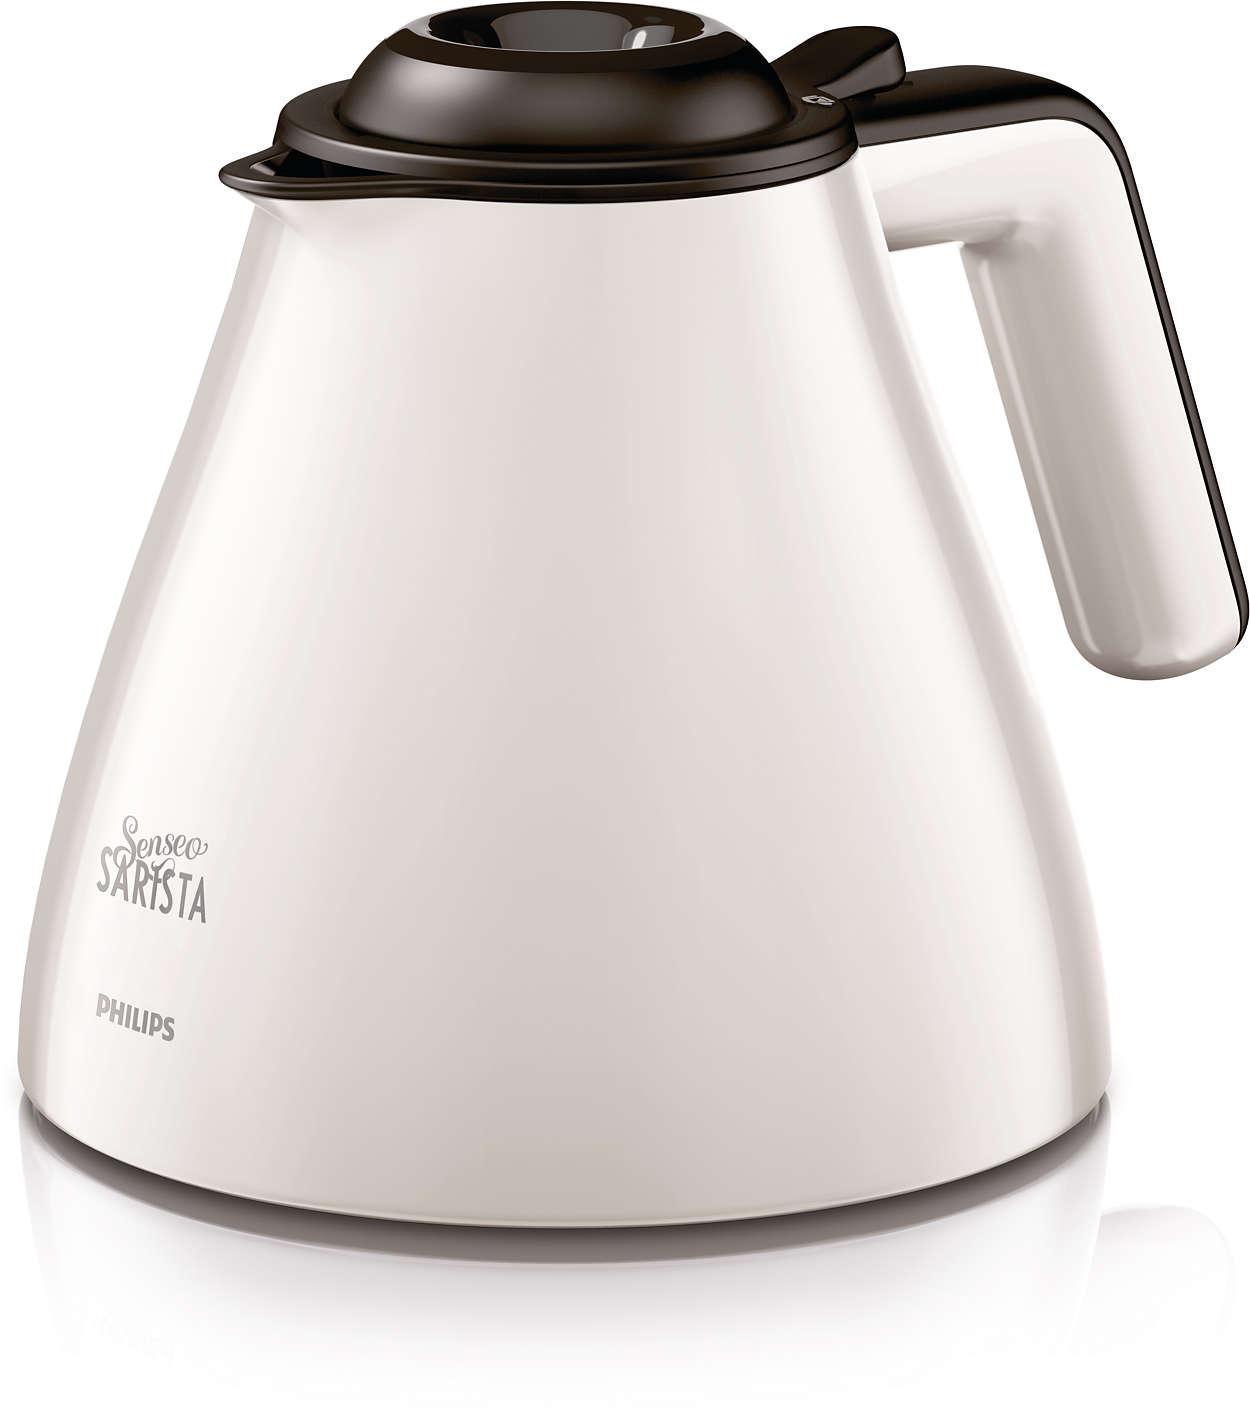 Genießen Sie eine volle Kanne leckeren Kaffees